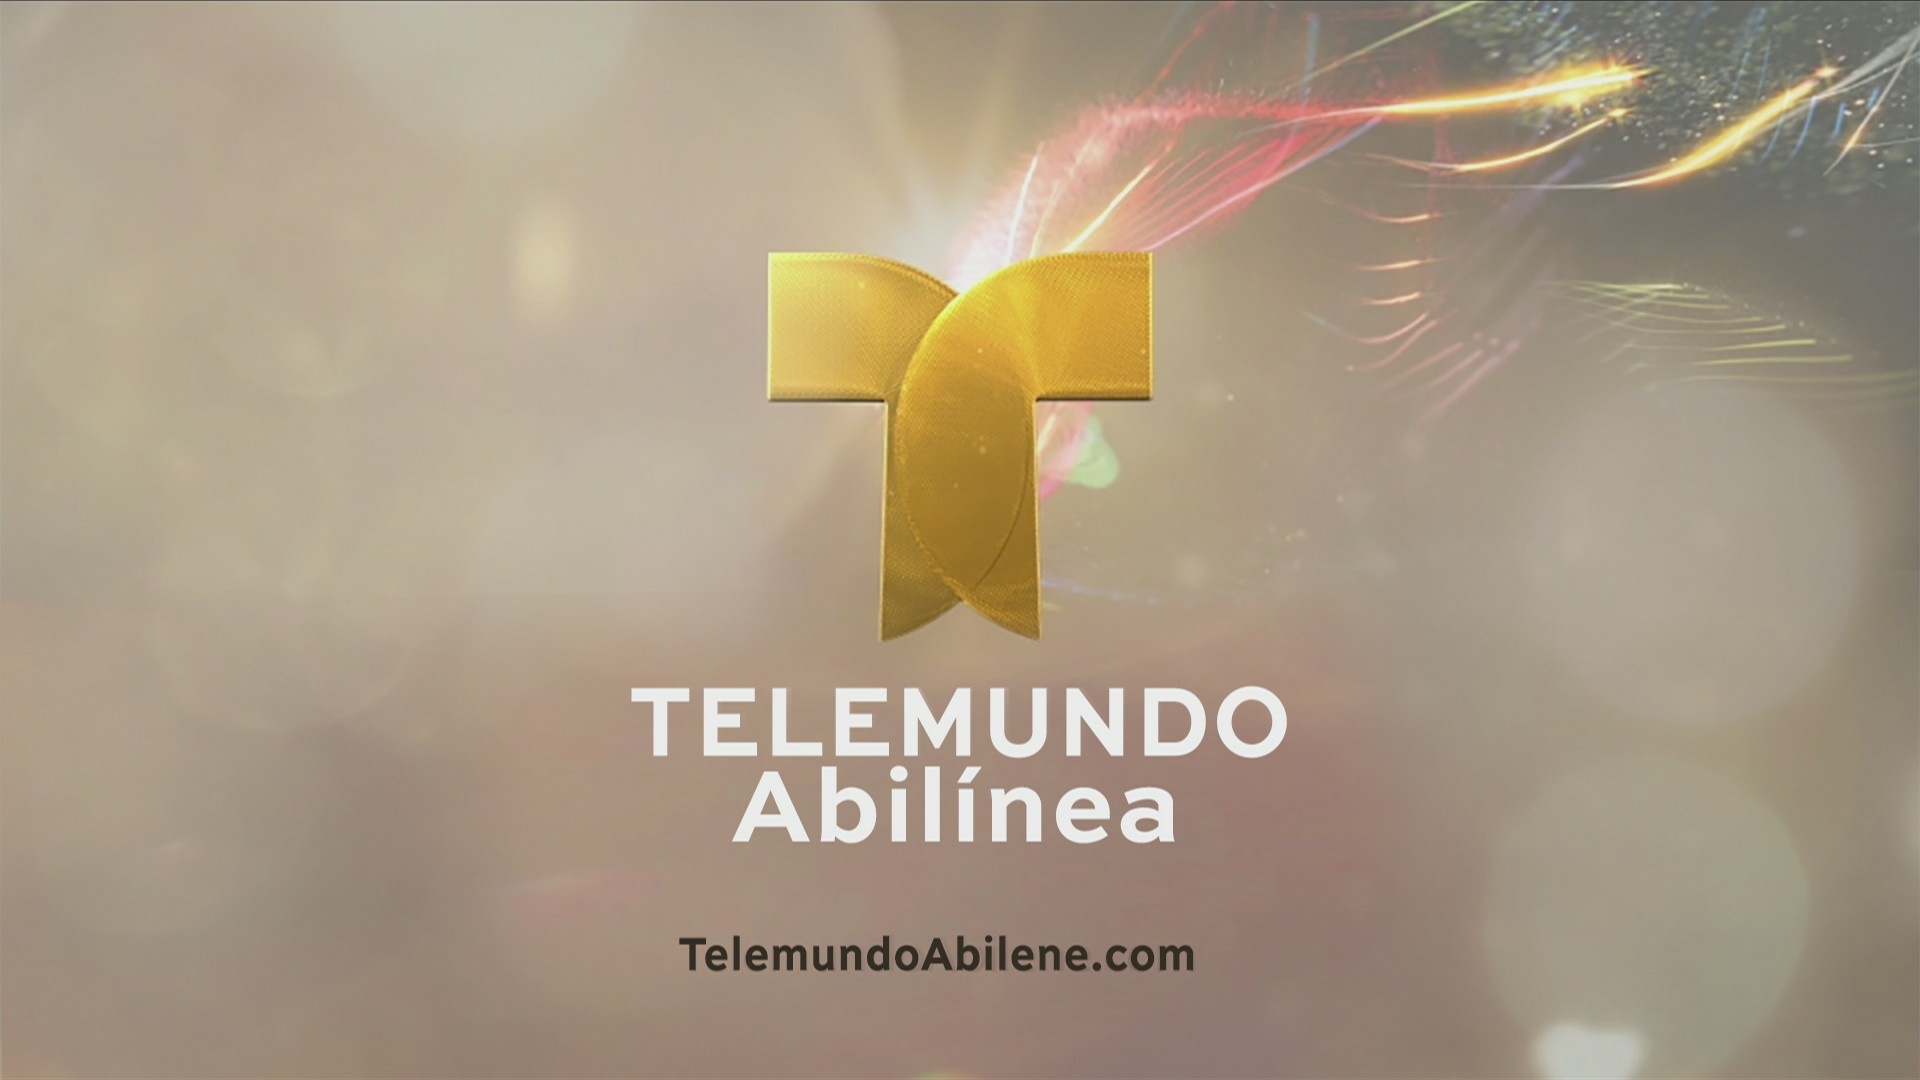 Telemundo Abilínea - 10 de abril, 2019